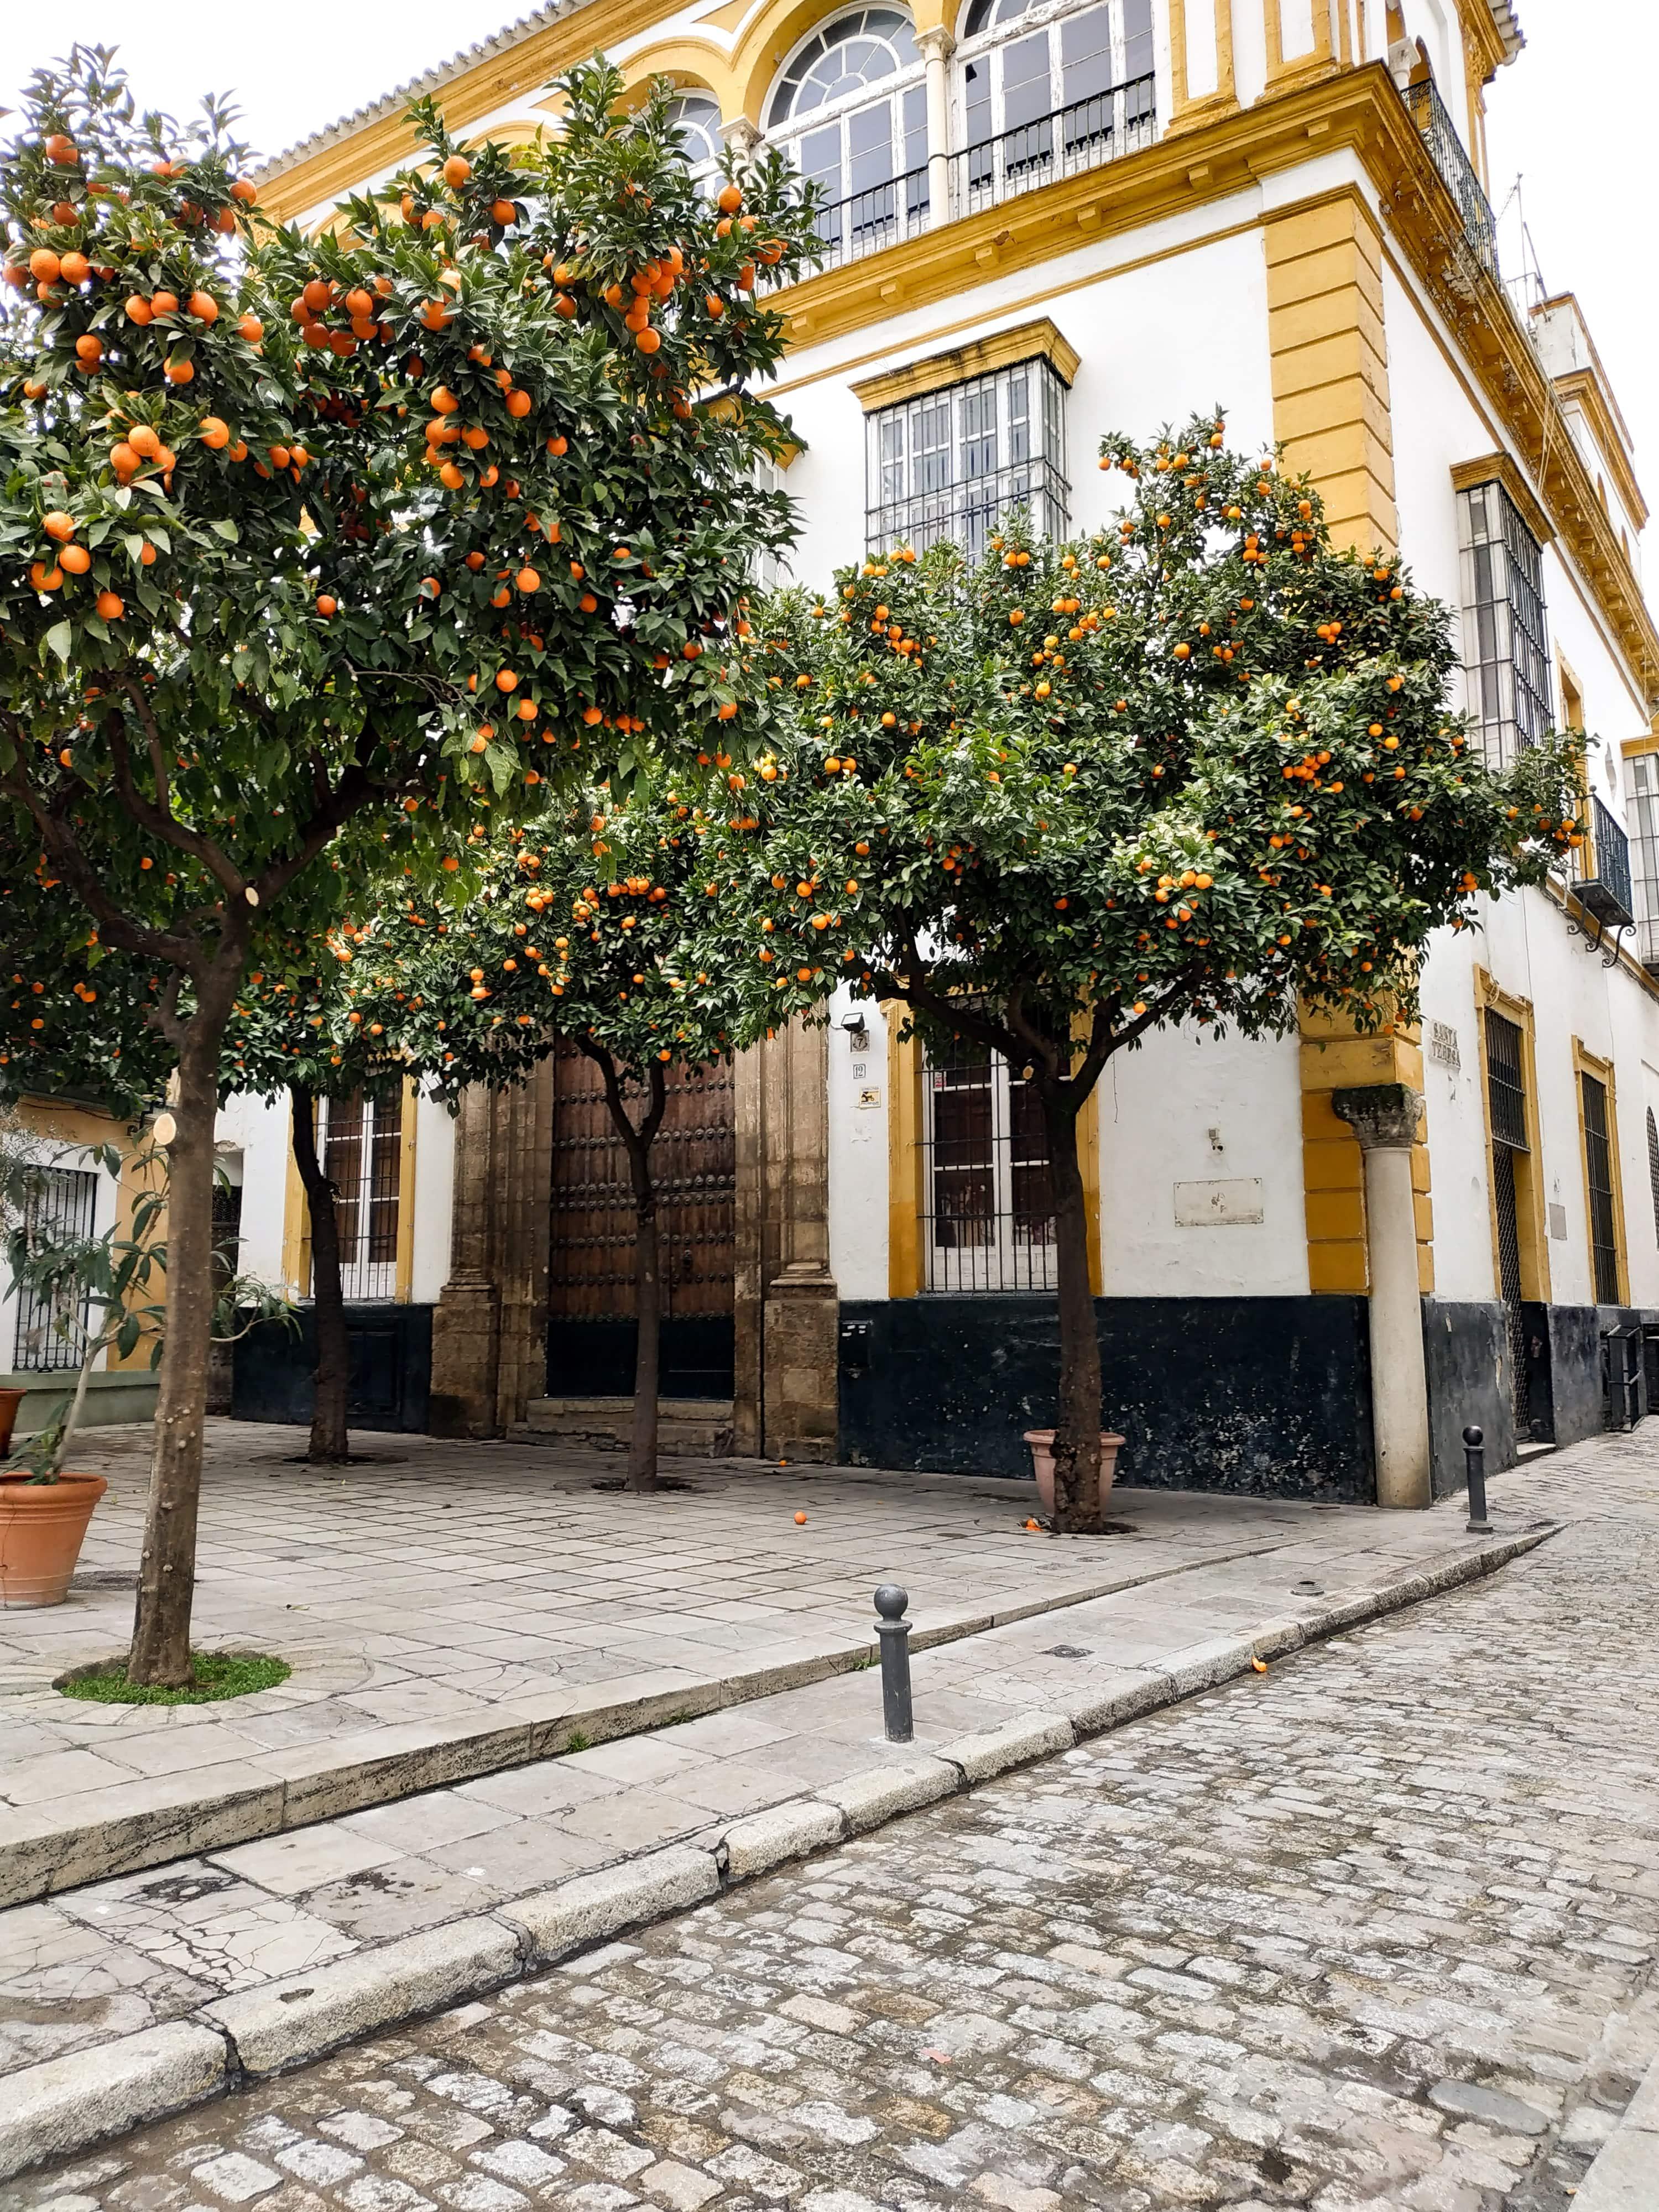 Séville : Partez à Séville à la découverte des quartiers Santa Cruz et La Macarena en plein mois de janvier.